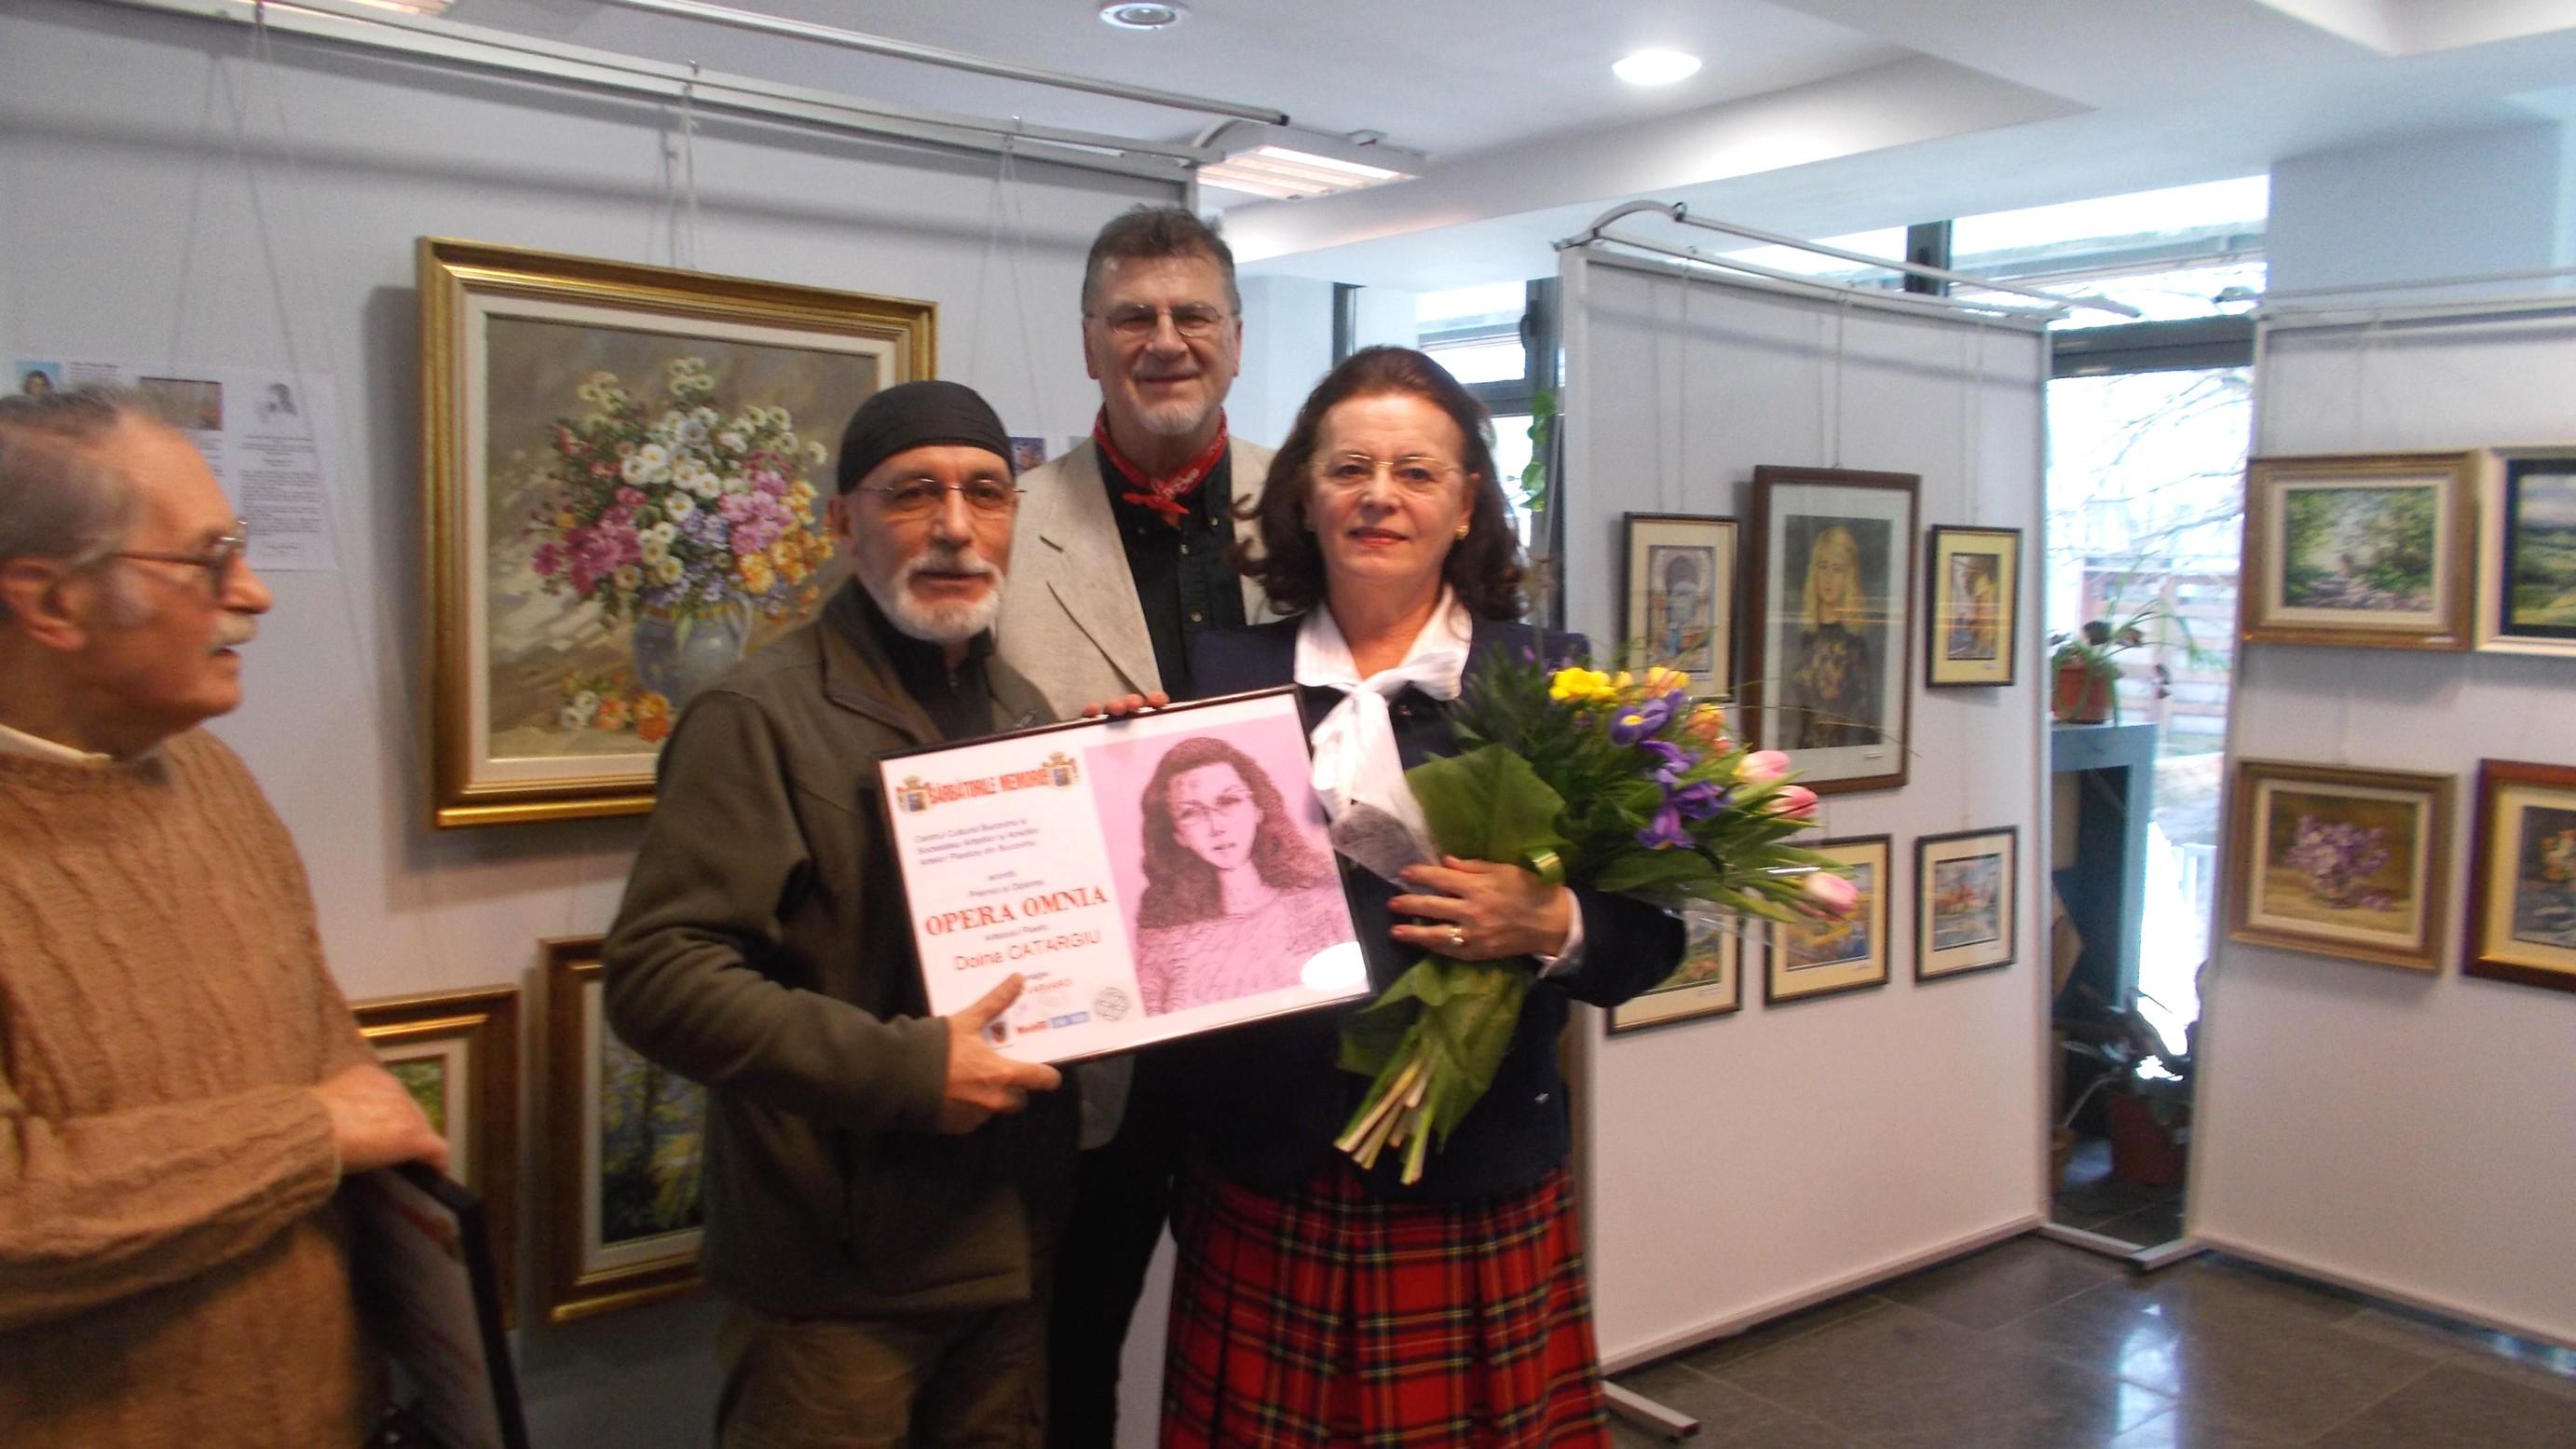 Laureati Doina pozand cu diploma